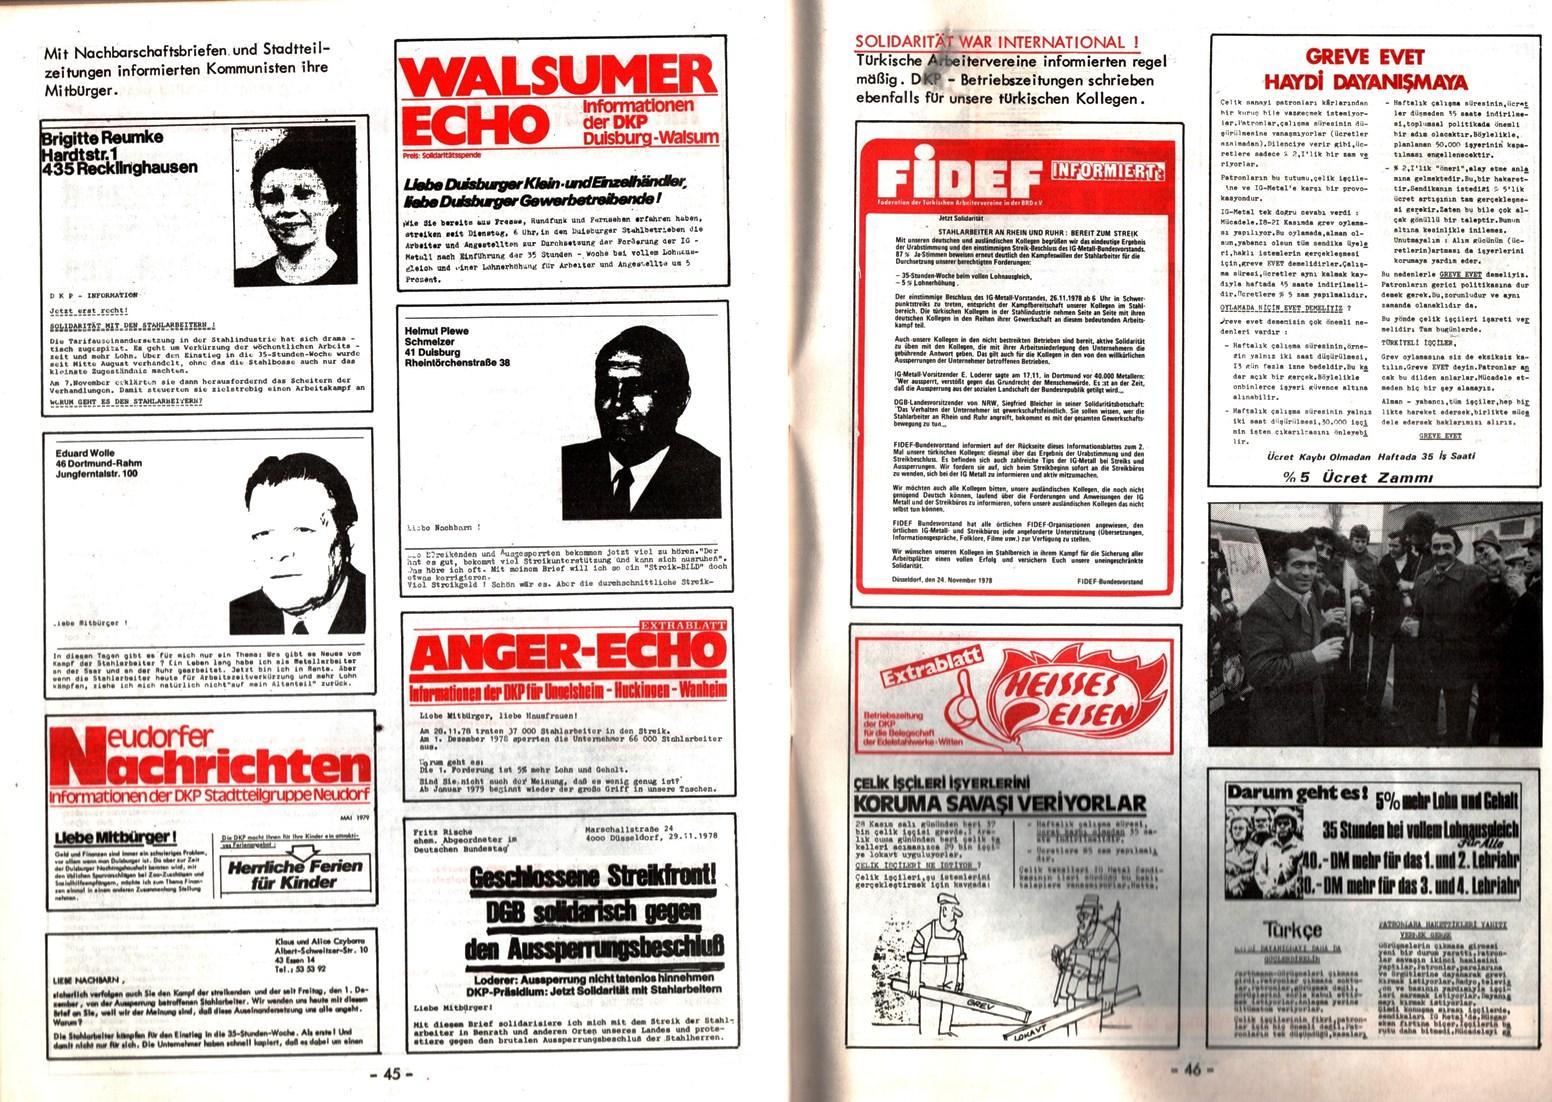 NRW_DKP_Stahlarbeiterstreik_1978_1979_024